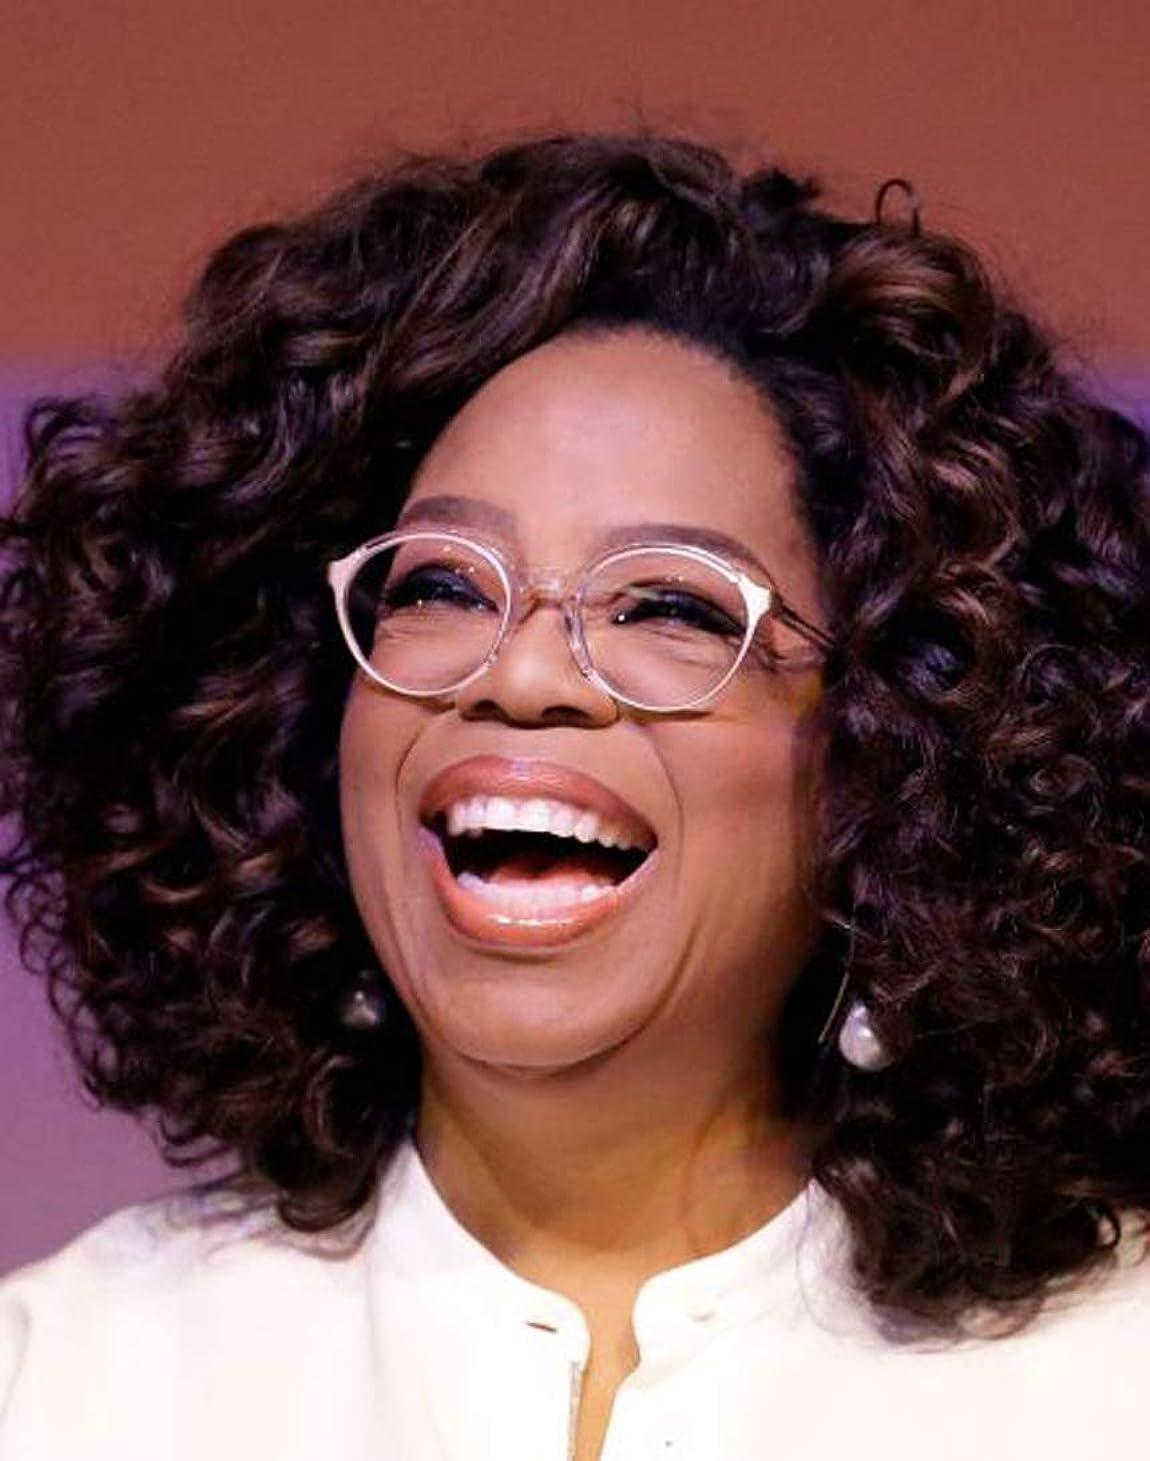 挑むメンタル文明化するThe best Oprah Winfrey  memes - Memes Book Hilarious jokes, Funny and more (English Edition)